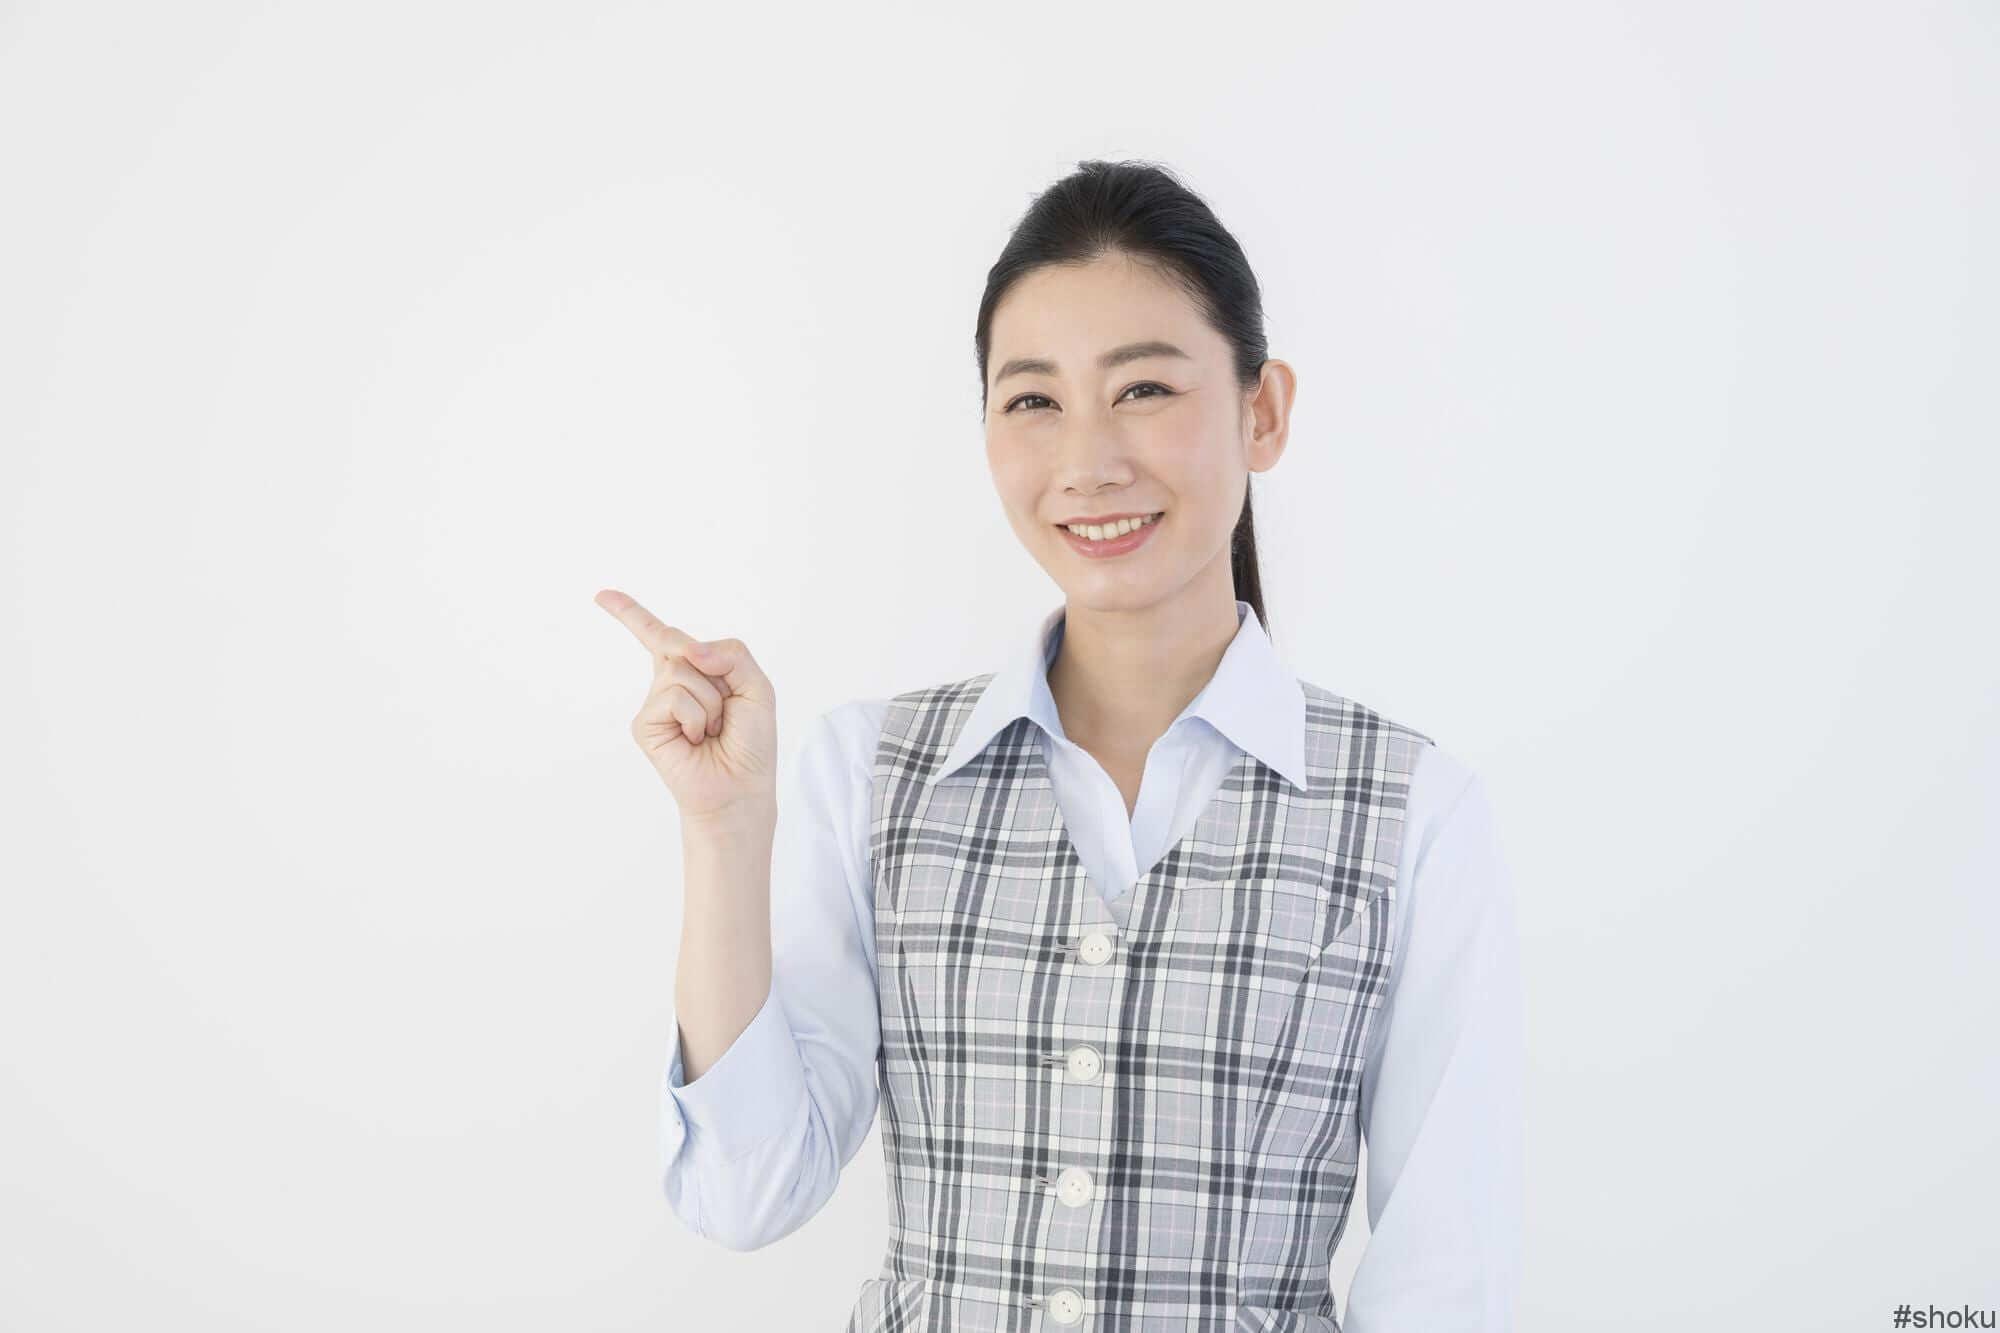 営業事務の勤務時間・残業・休日について説明する女性